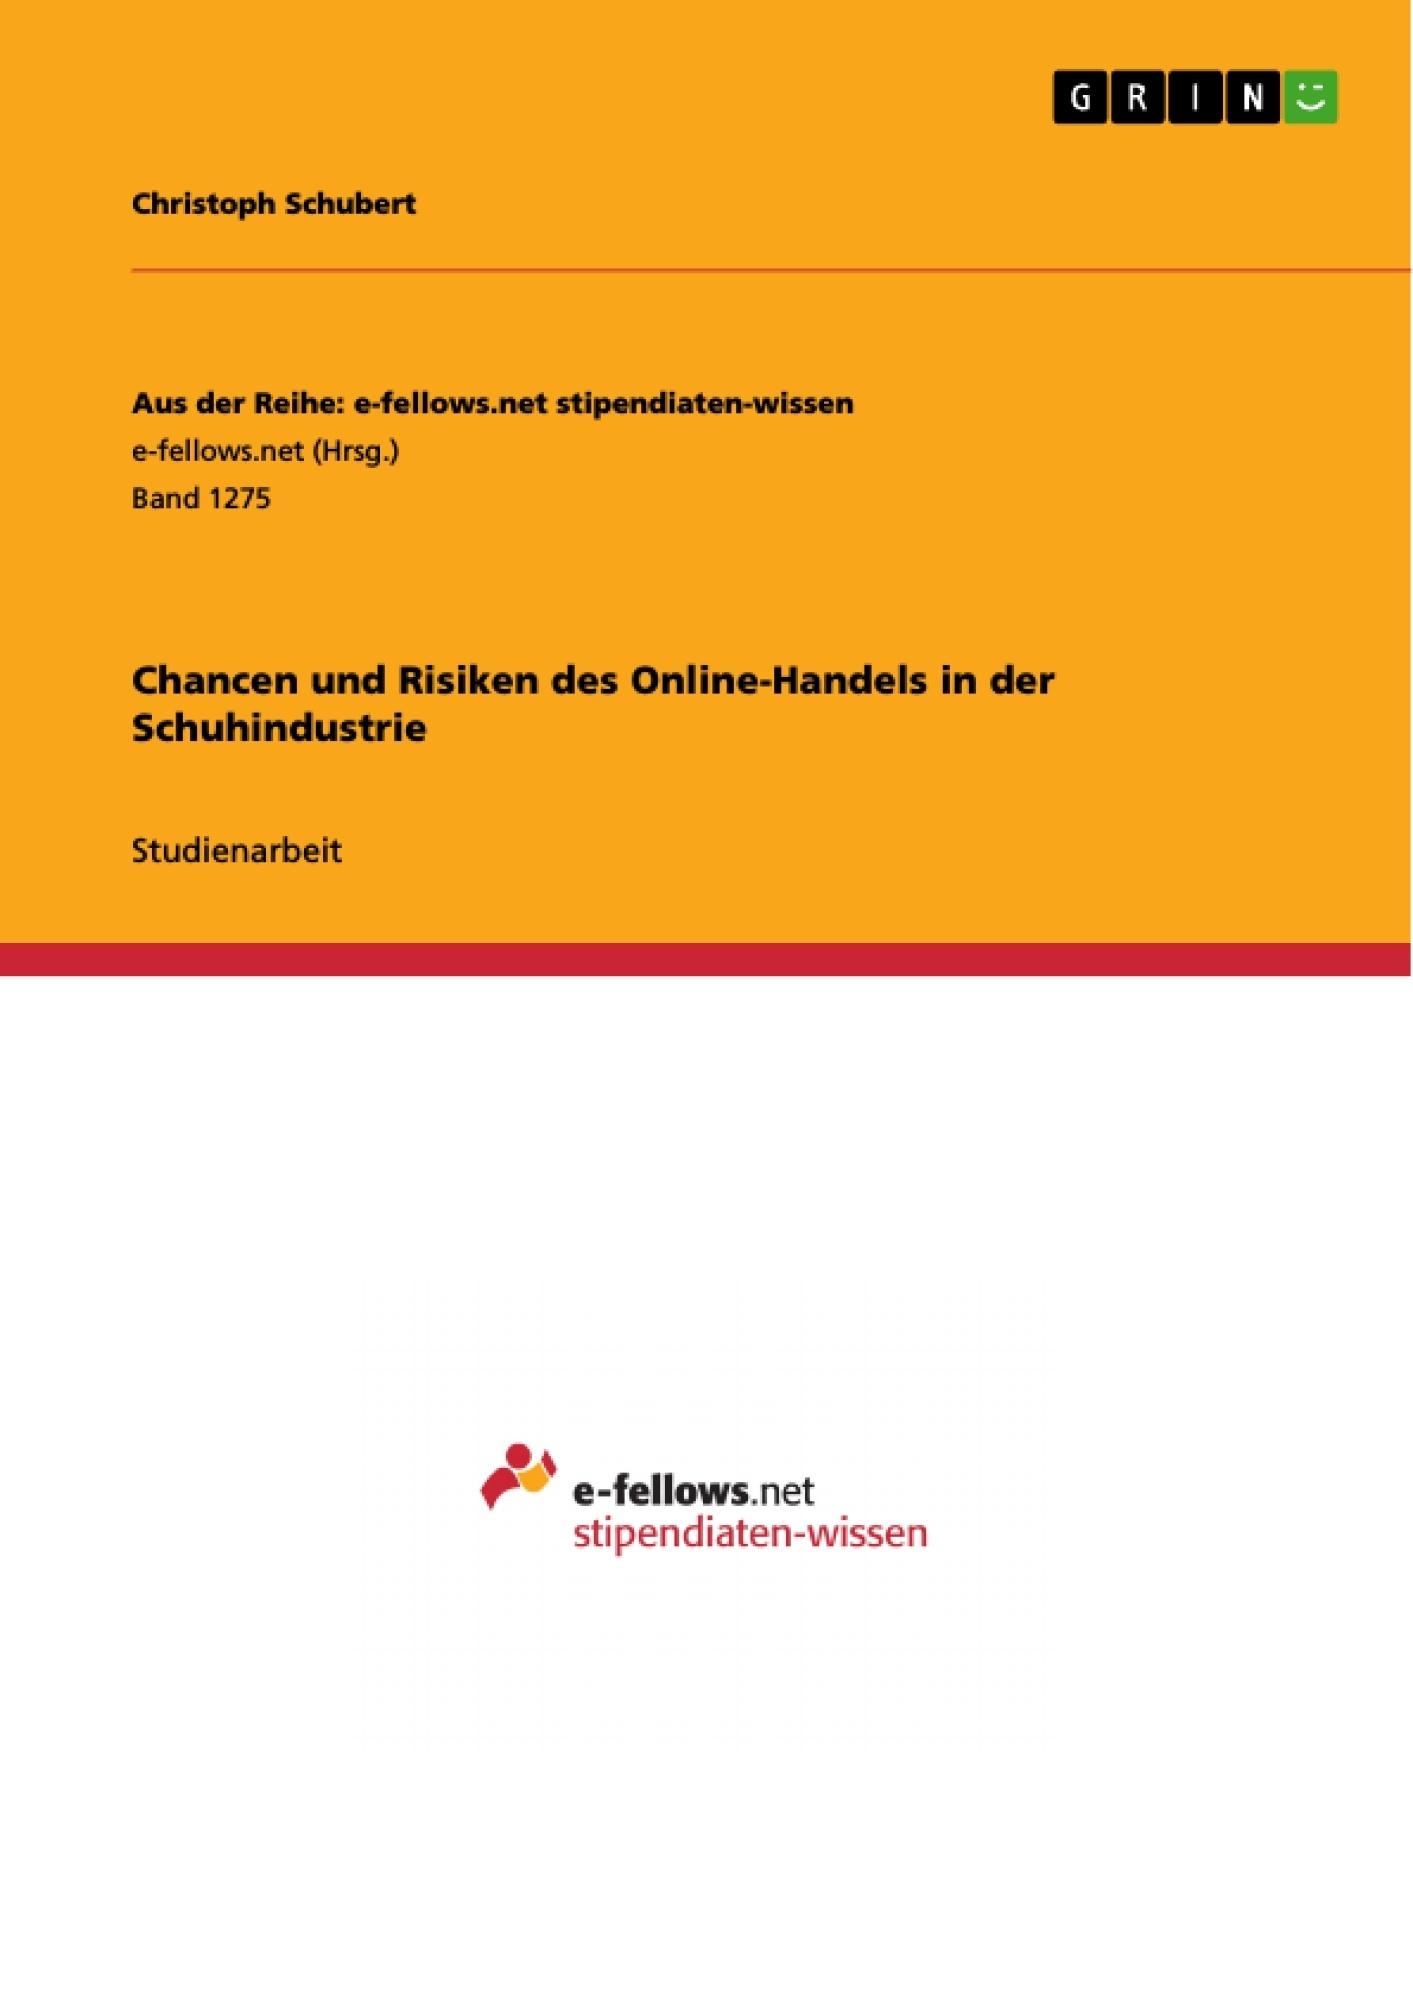 Titel: Chancen und Risiken des Online-Handels in der  Schuhindustrie